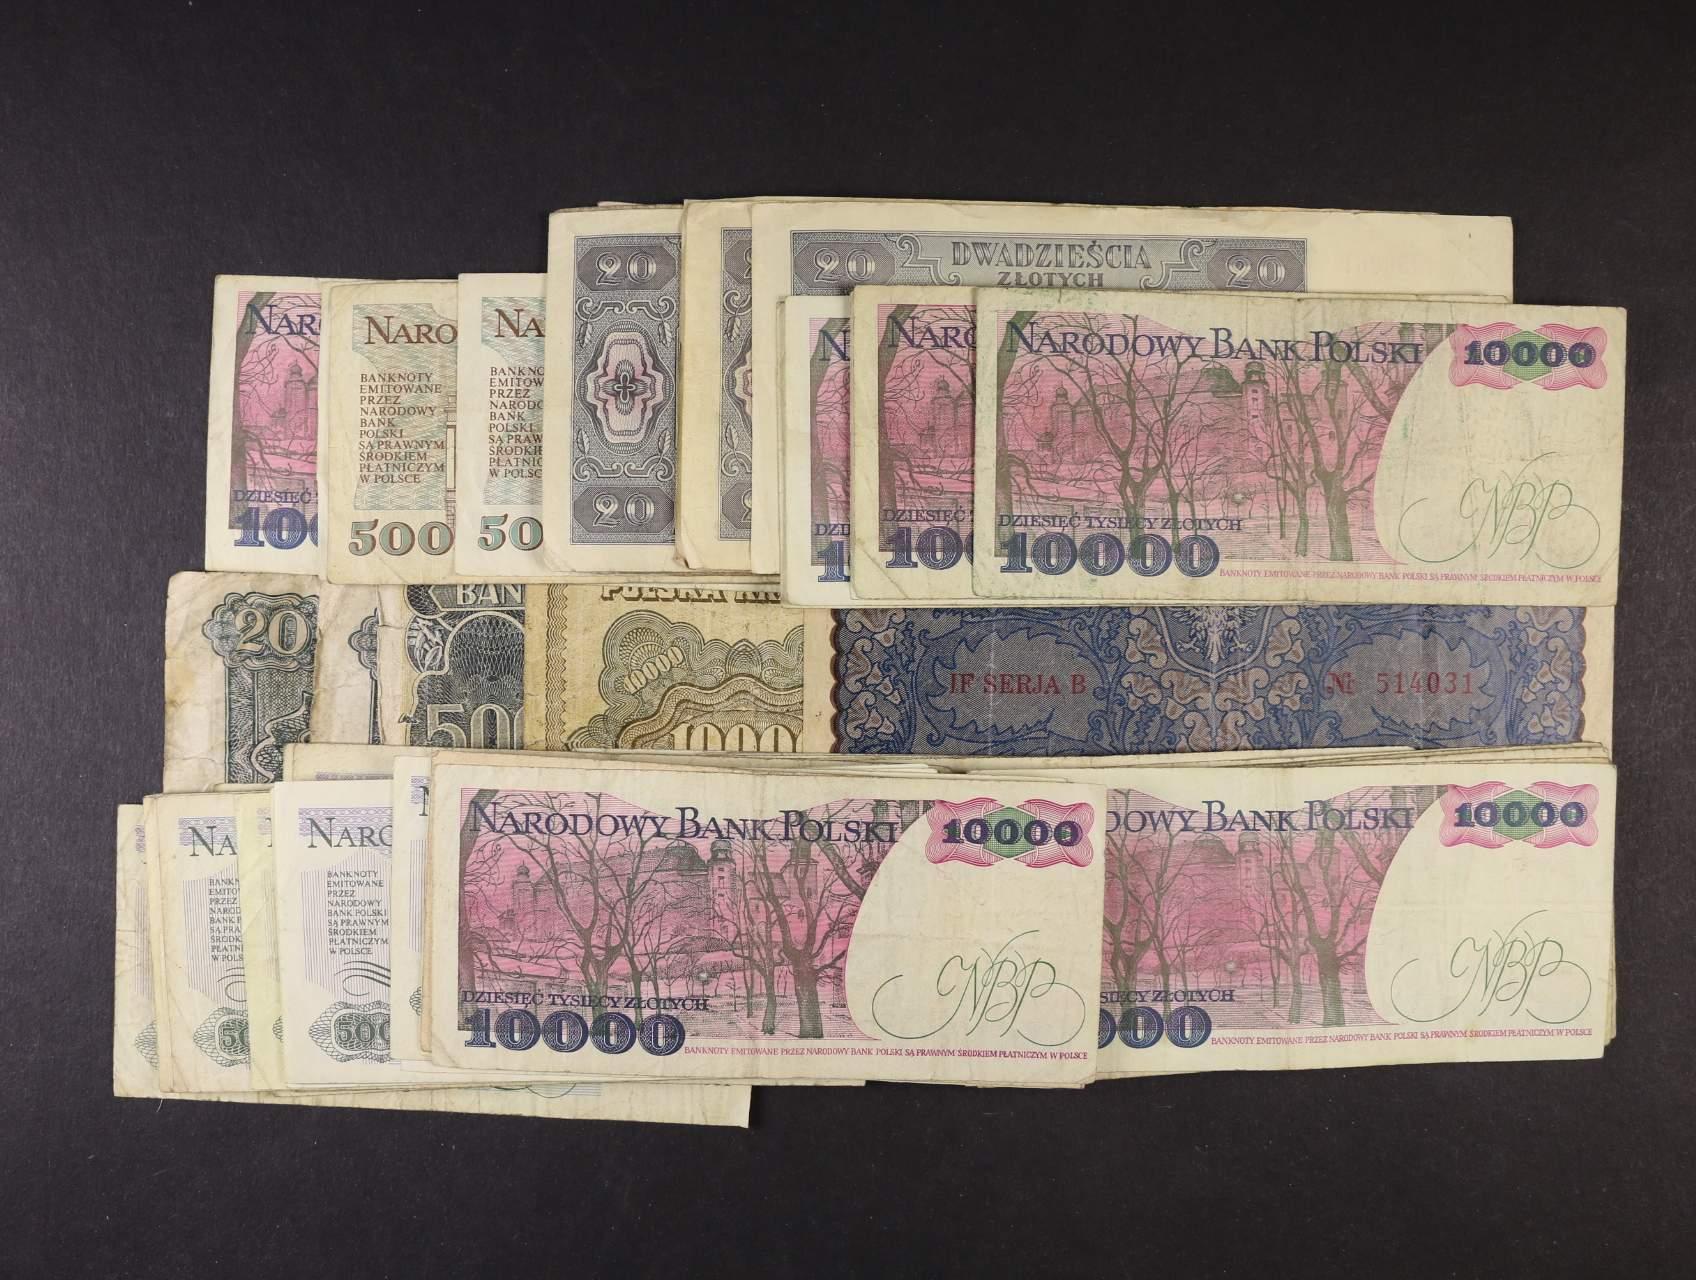 partie 1775 kusů bankovek Evropy, převážně Polsko, Maďarsko, Jugoslávie, Rumunsko, Itálie a další stav k prohlédnutí 2/2 až 3/3